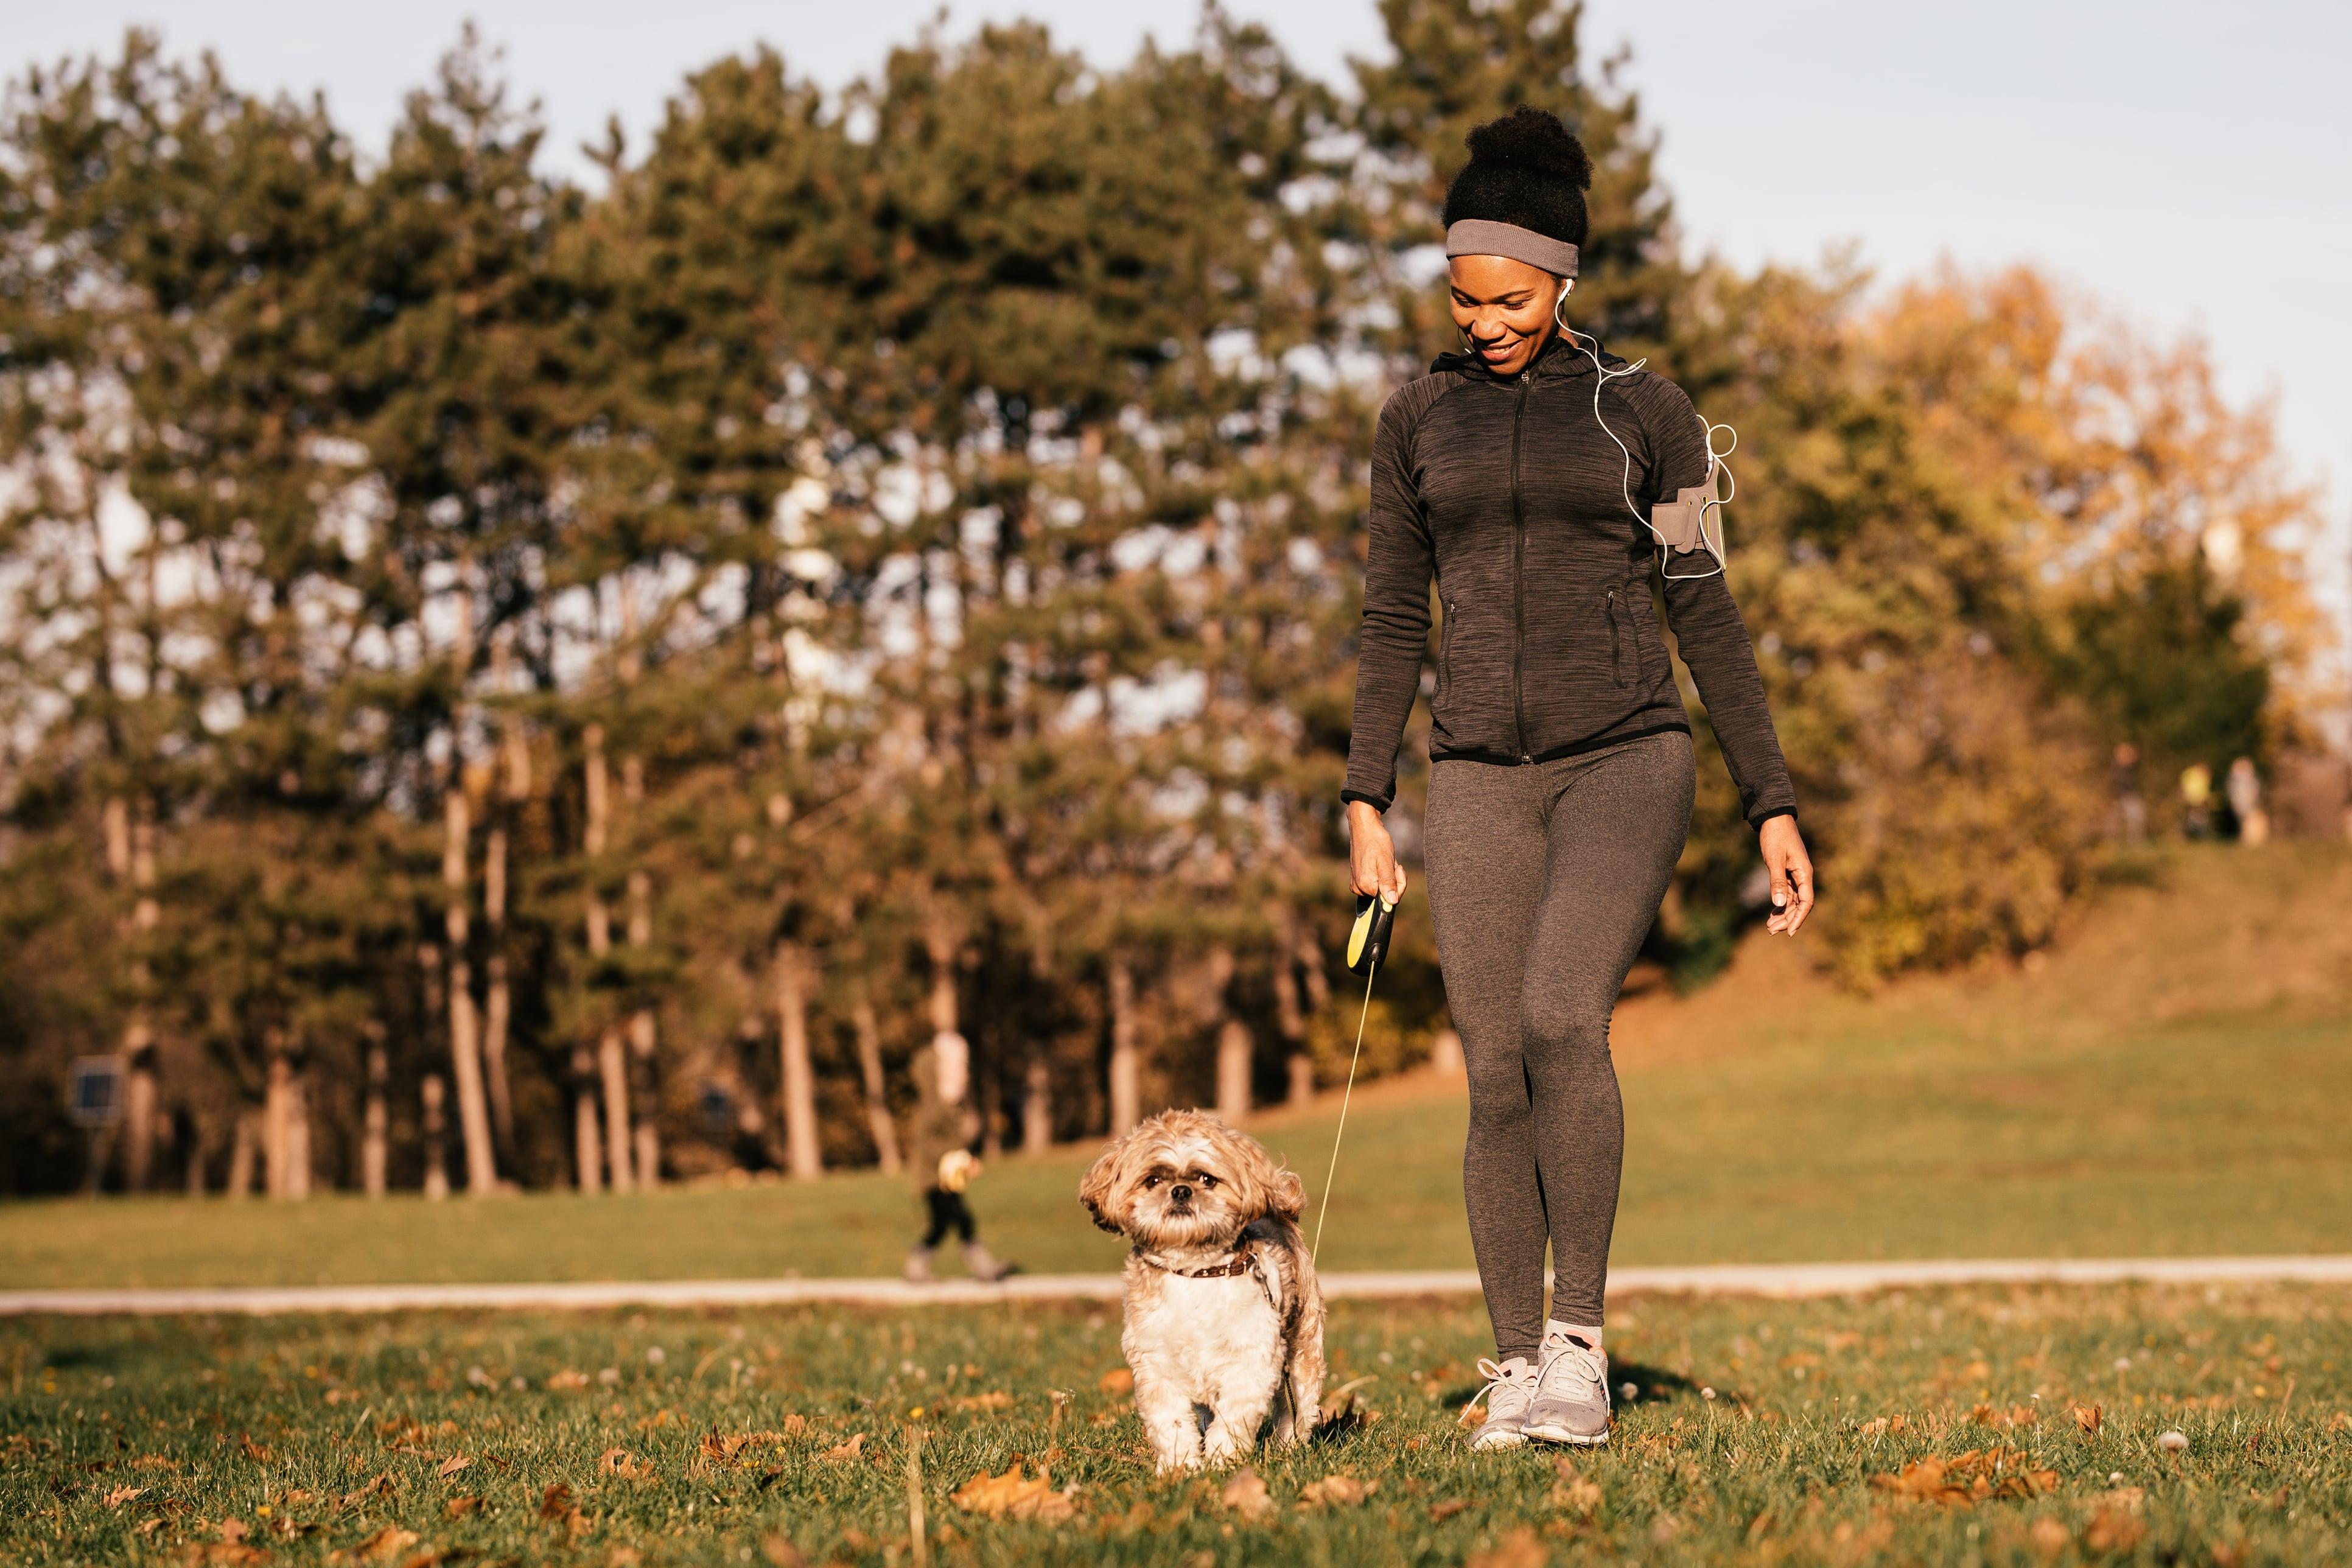 Woman in jogging gear walking a dog